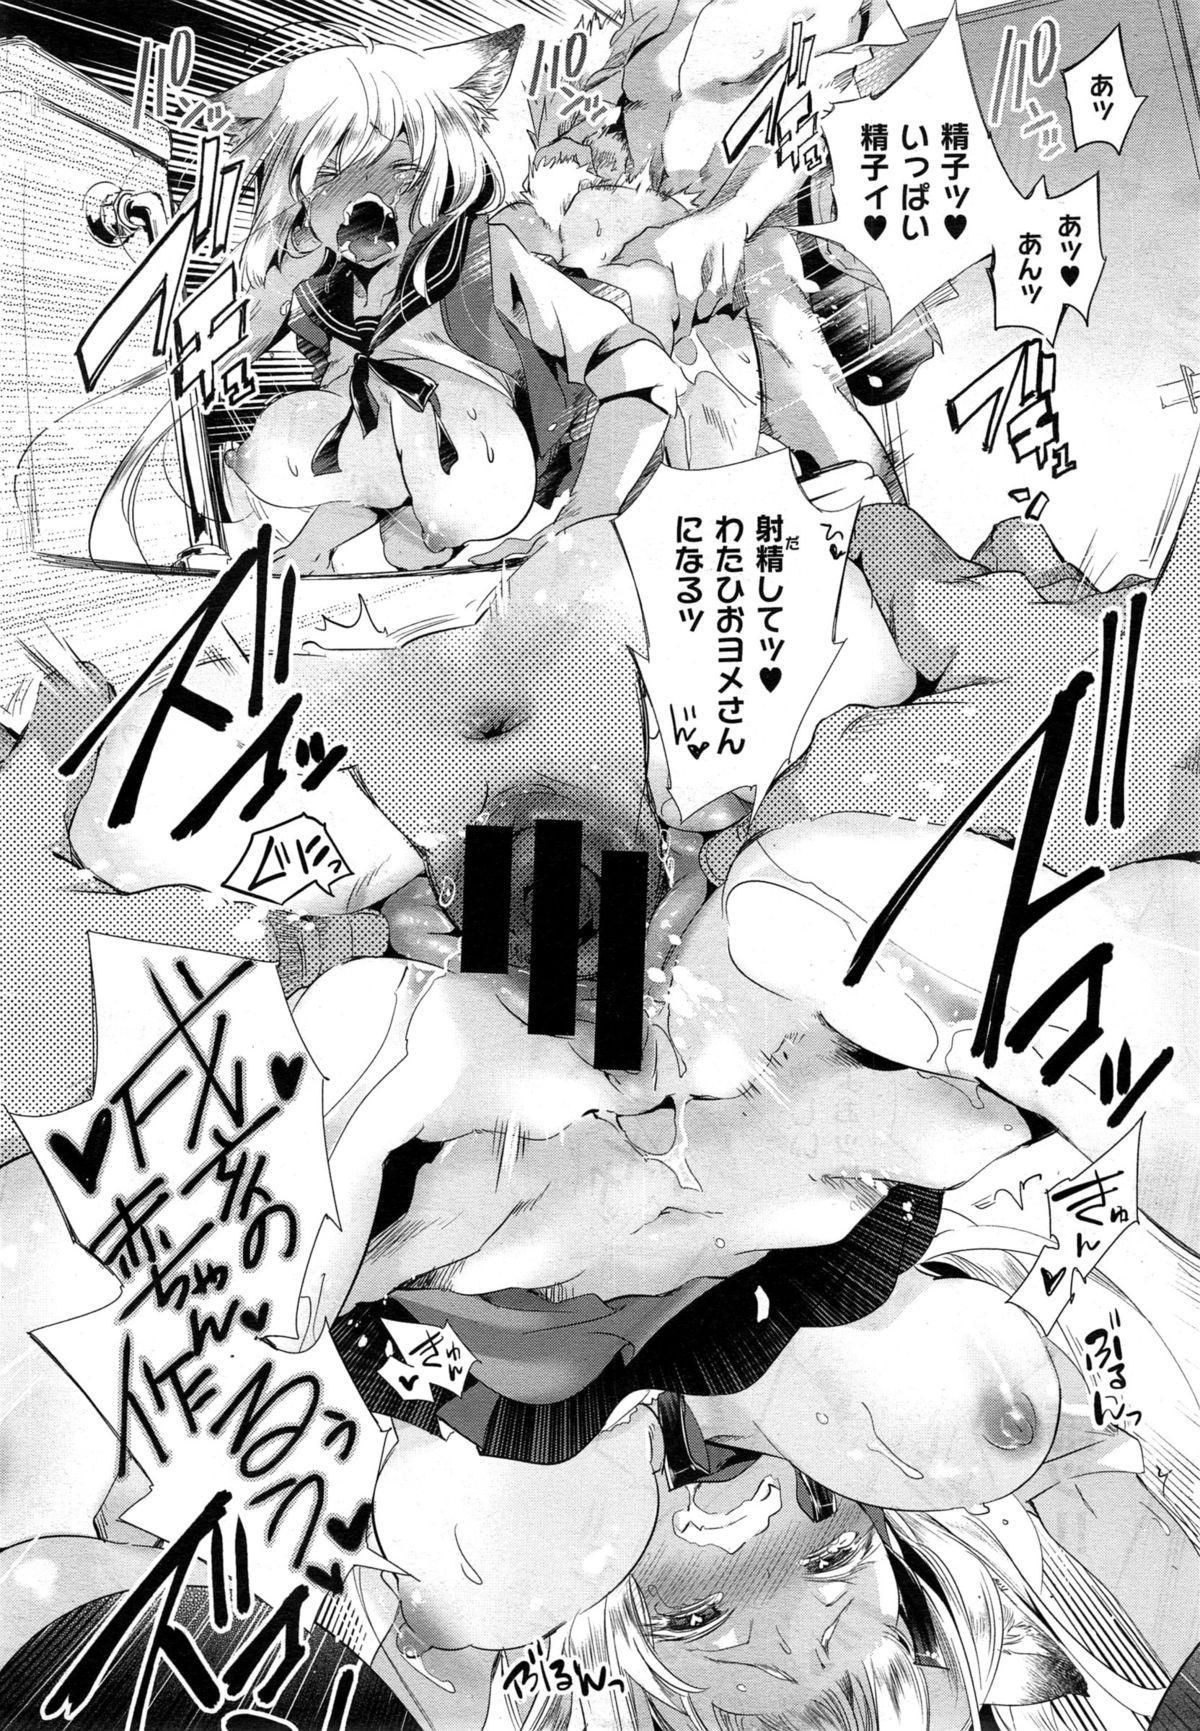 Kitsune no Yomeiri 57